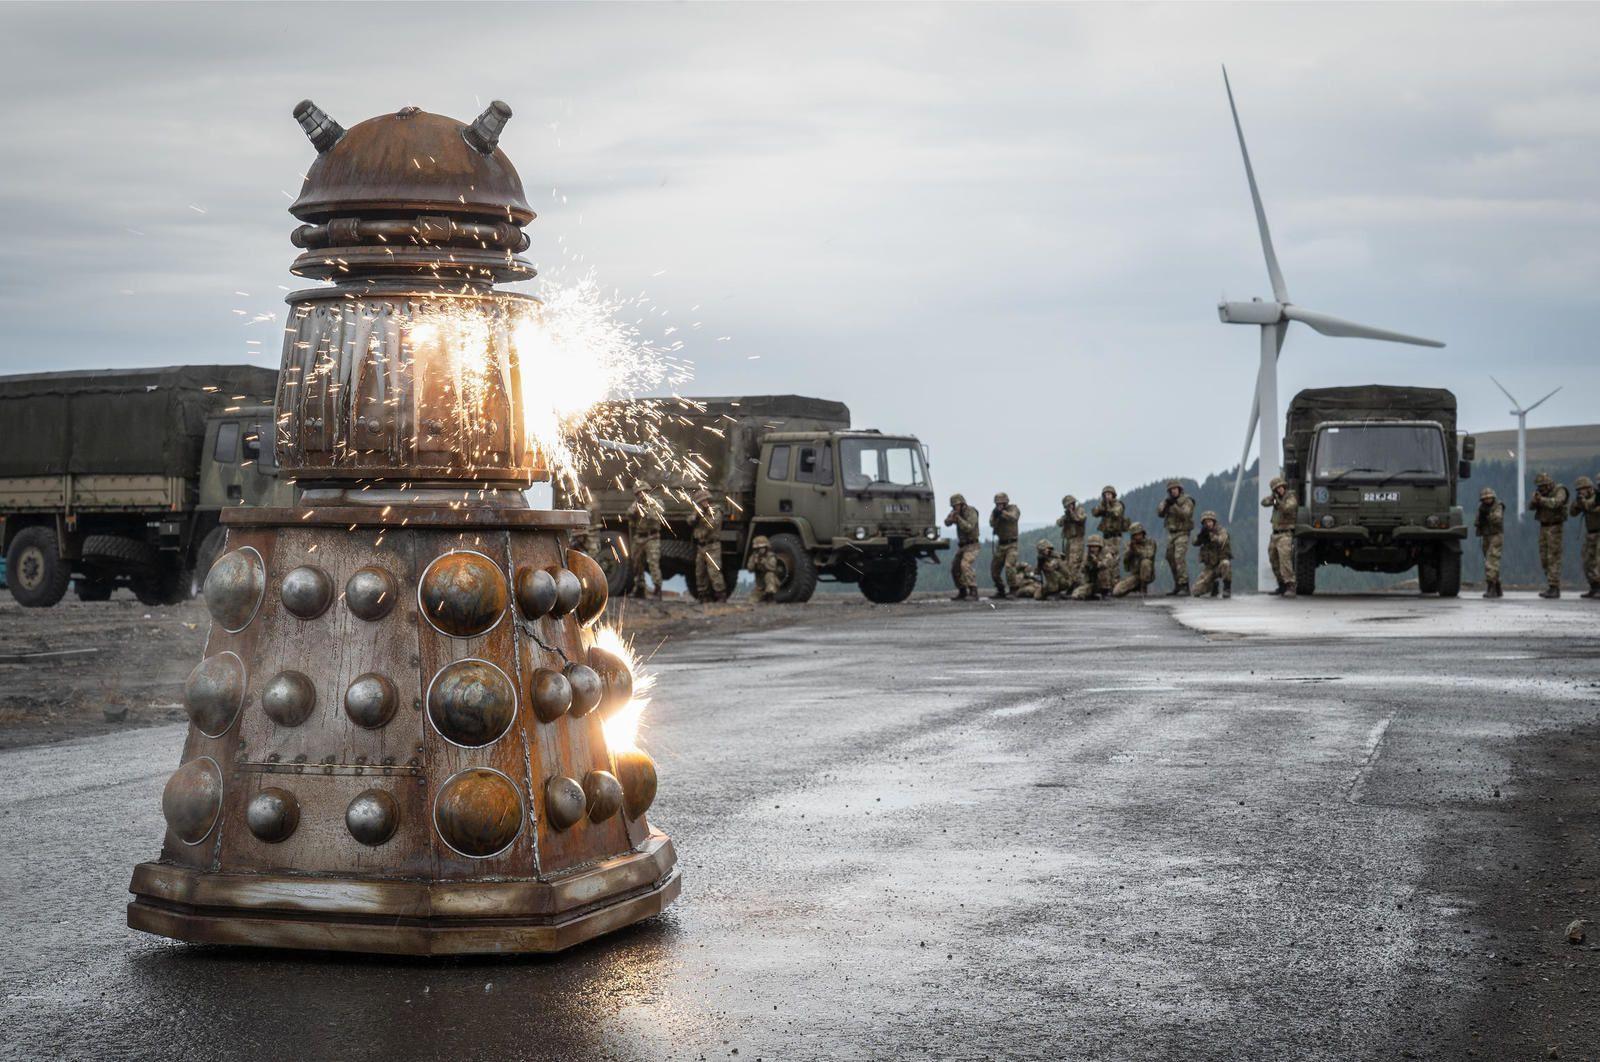 L'épisode inédit de Doctor Who diffusé le 1er janvier outre-Manche proposé aujourd'hui sur France 4.